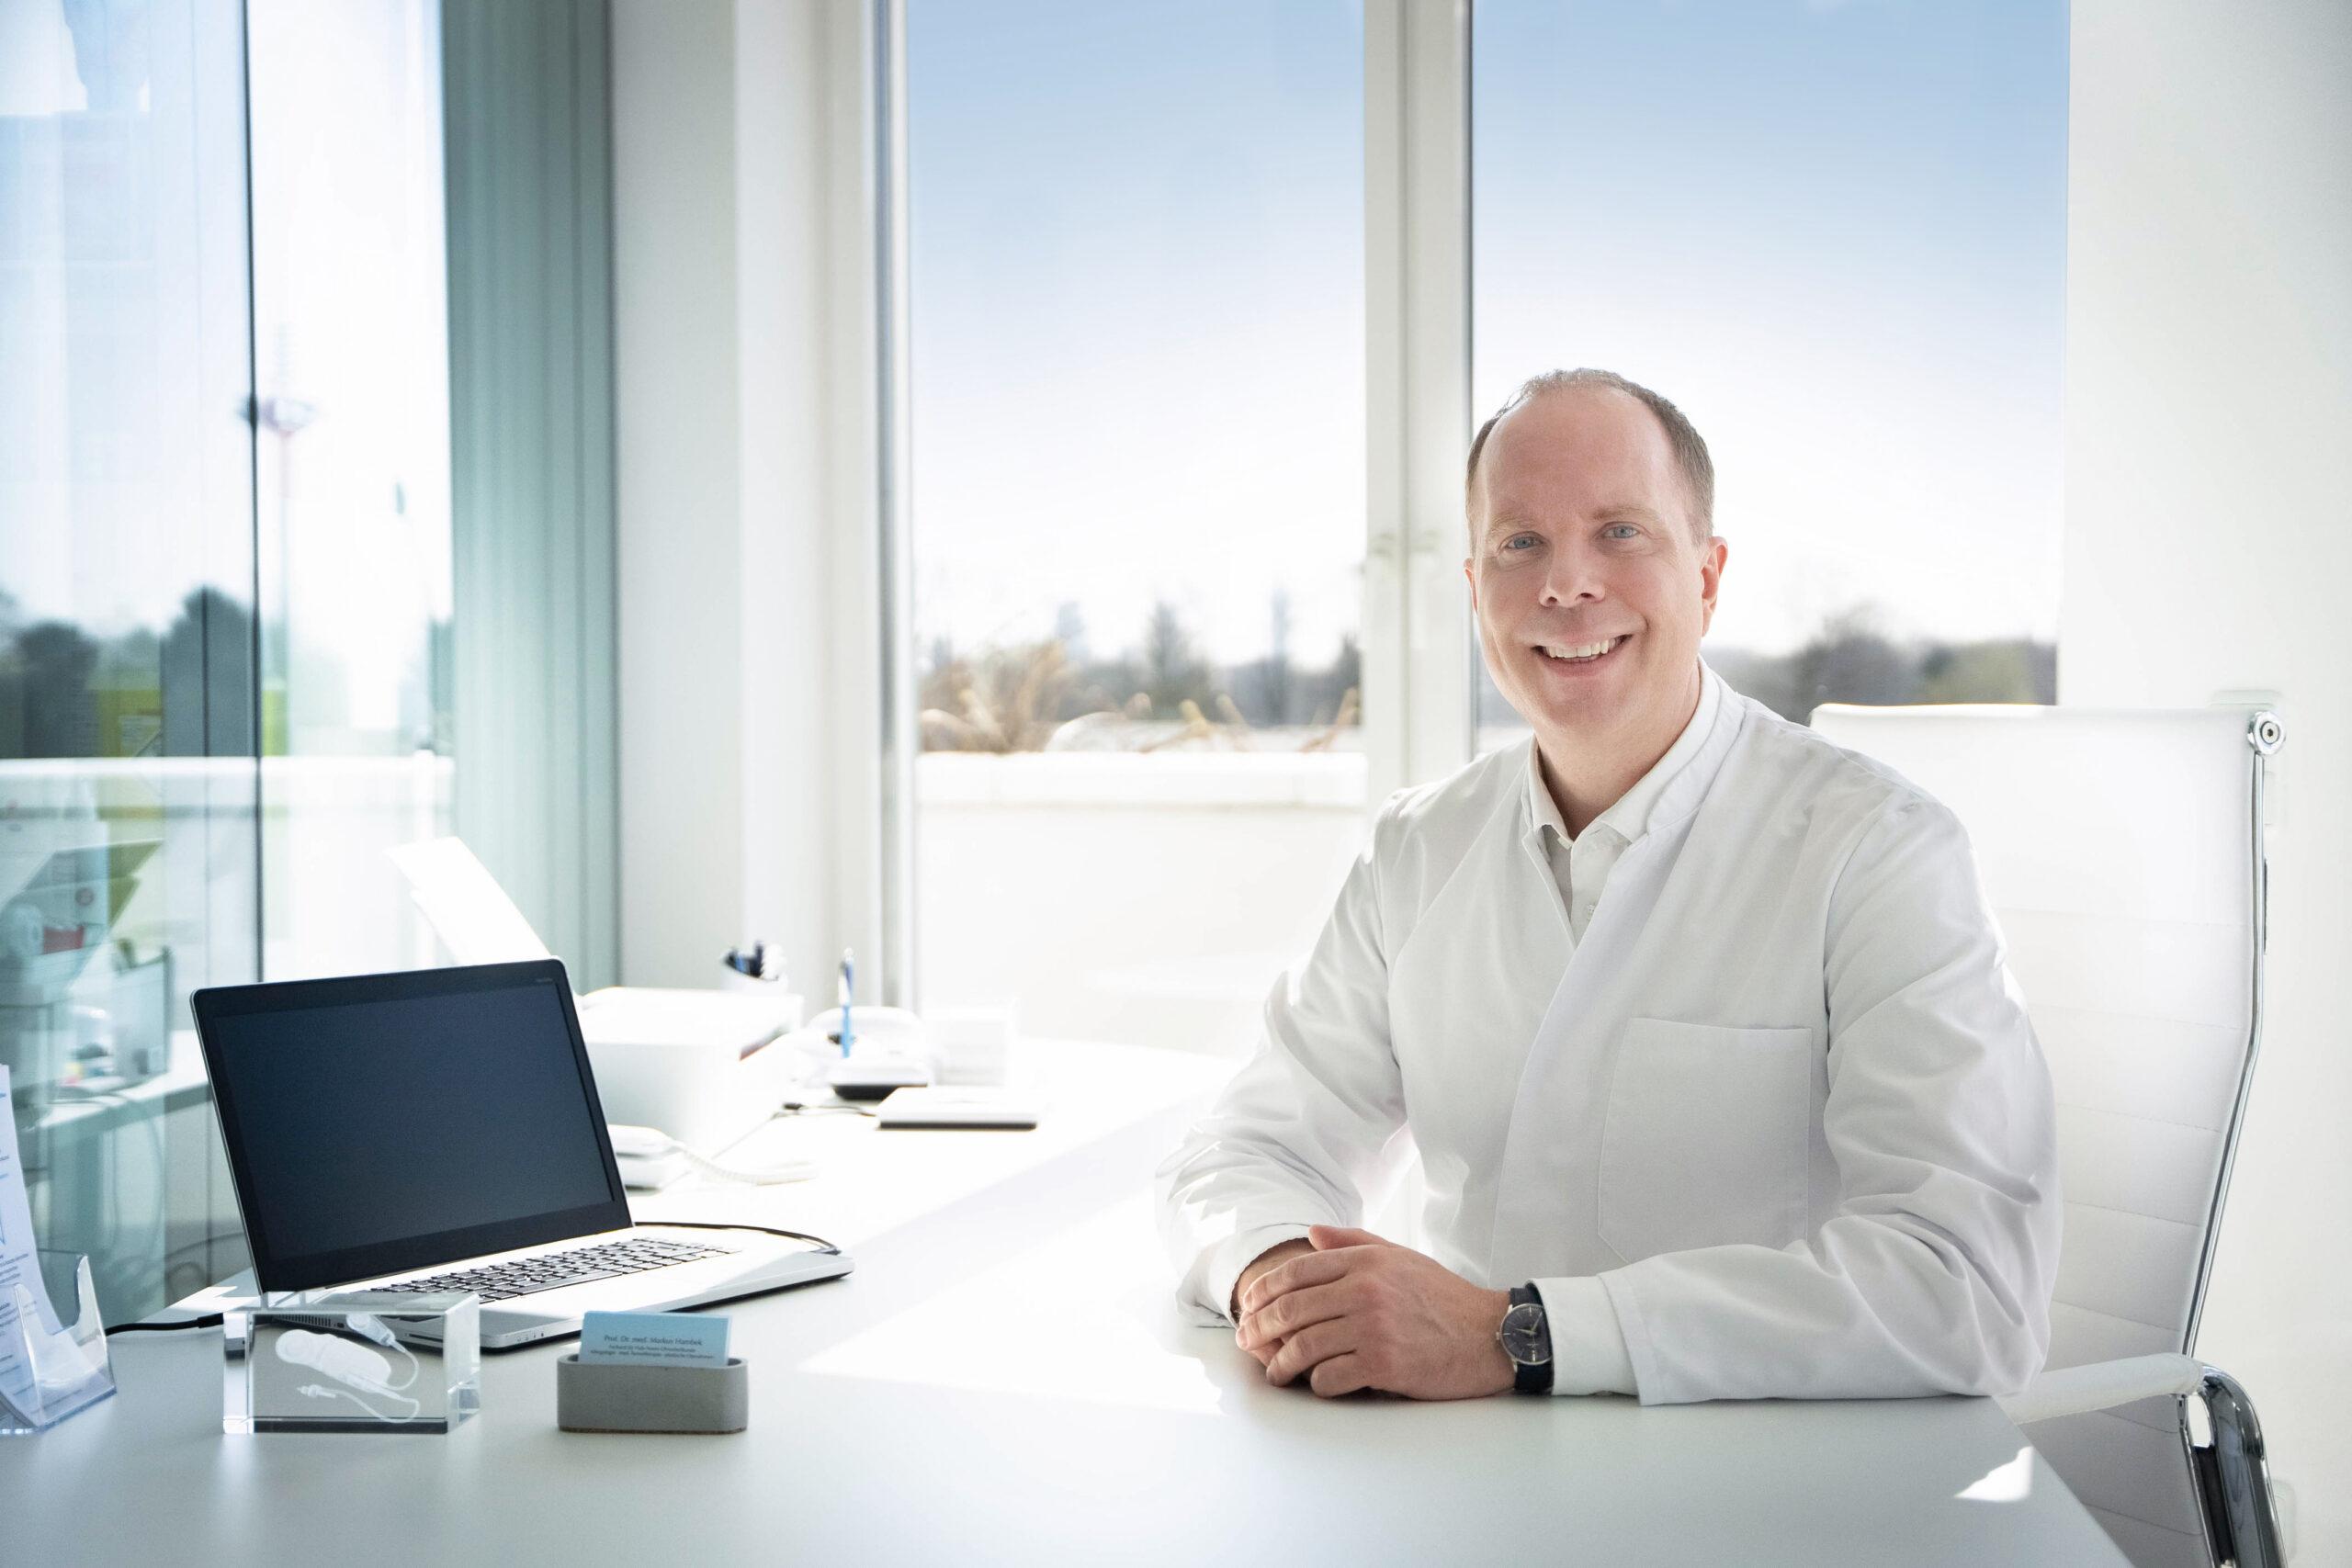 Prof. Dr. med. Markus Hambek - Facharzt für Hals-Nasen-Ohrenheilkunde, Allergologie, med. Tumortherapie und plastische Operationen